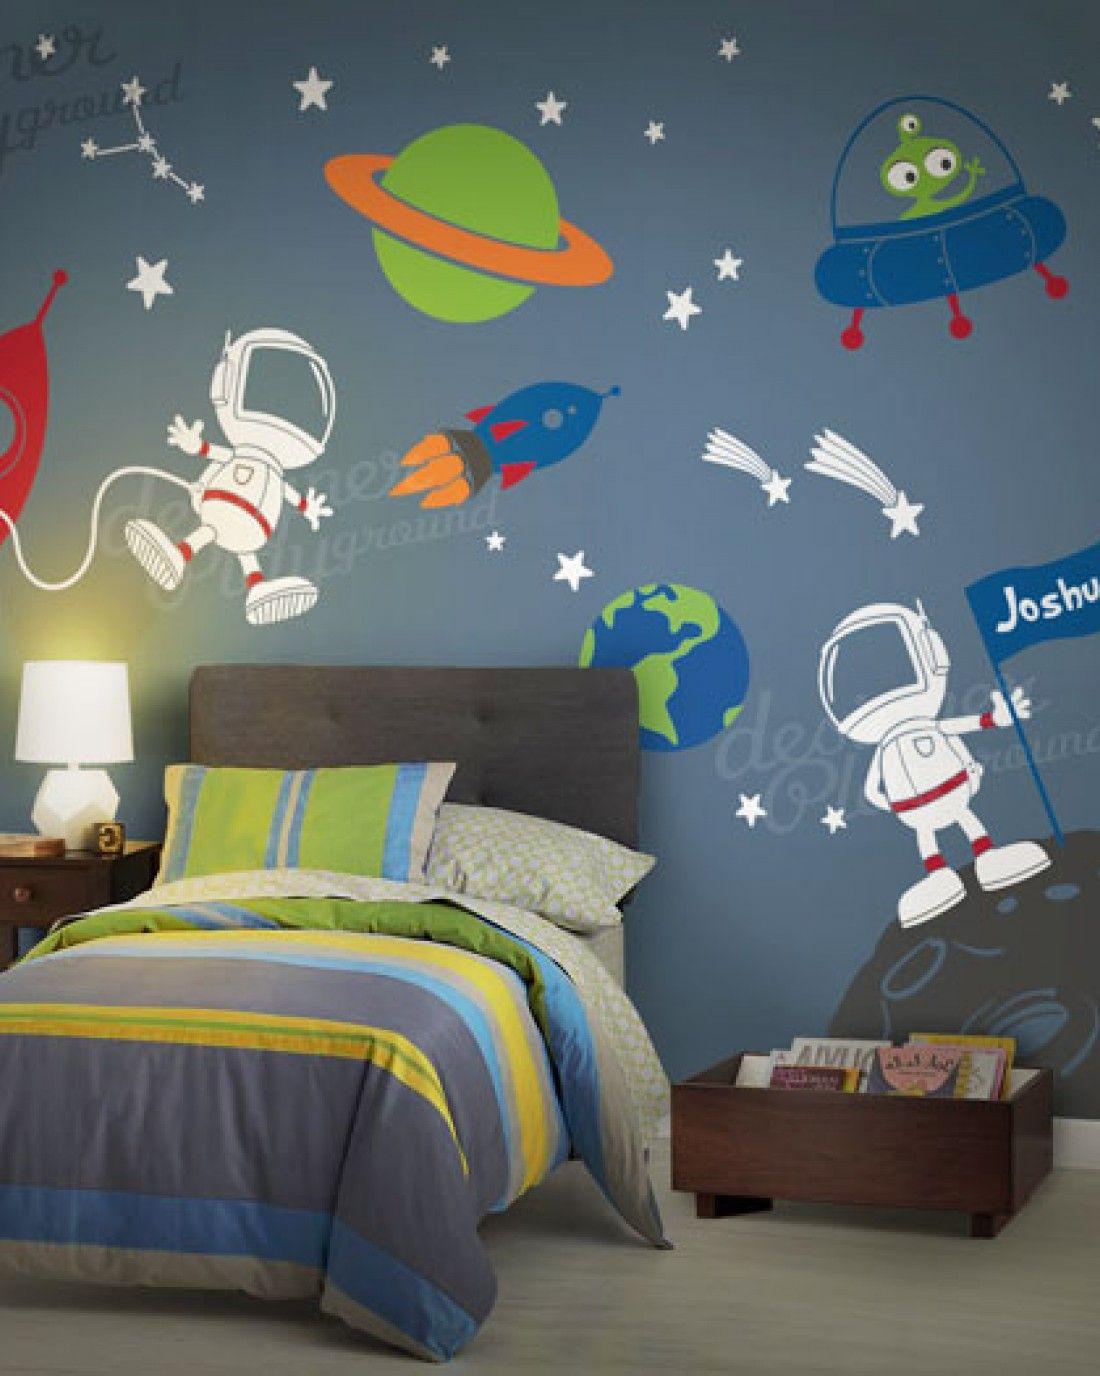 Space Journey in 2019 | Boys Bedroom Decor | Kids bedroom, Wall ...